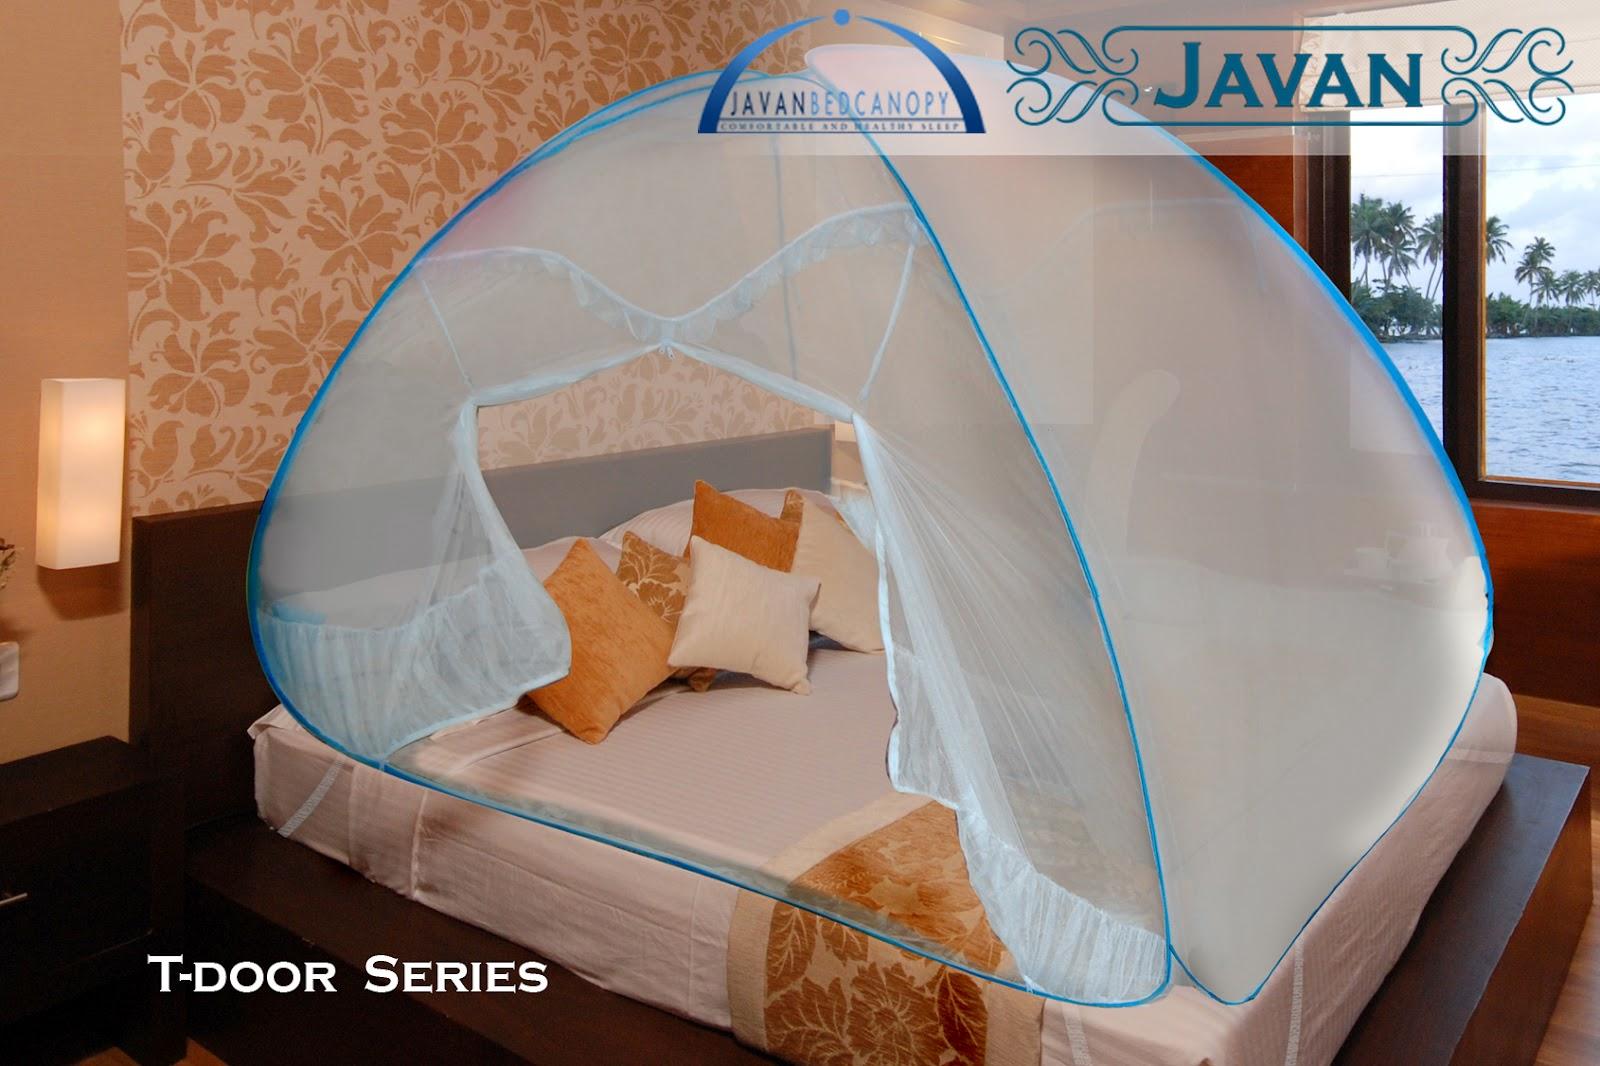 - DAFFA BABY SHOP: Javan Bed Canopy T-DOOR SERIES